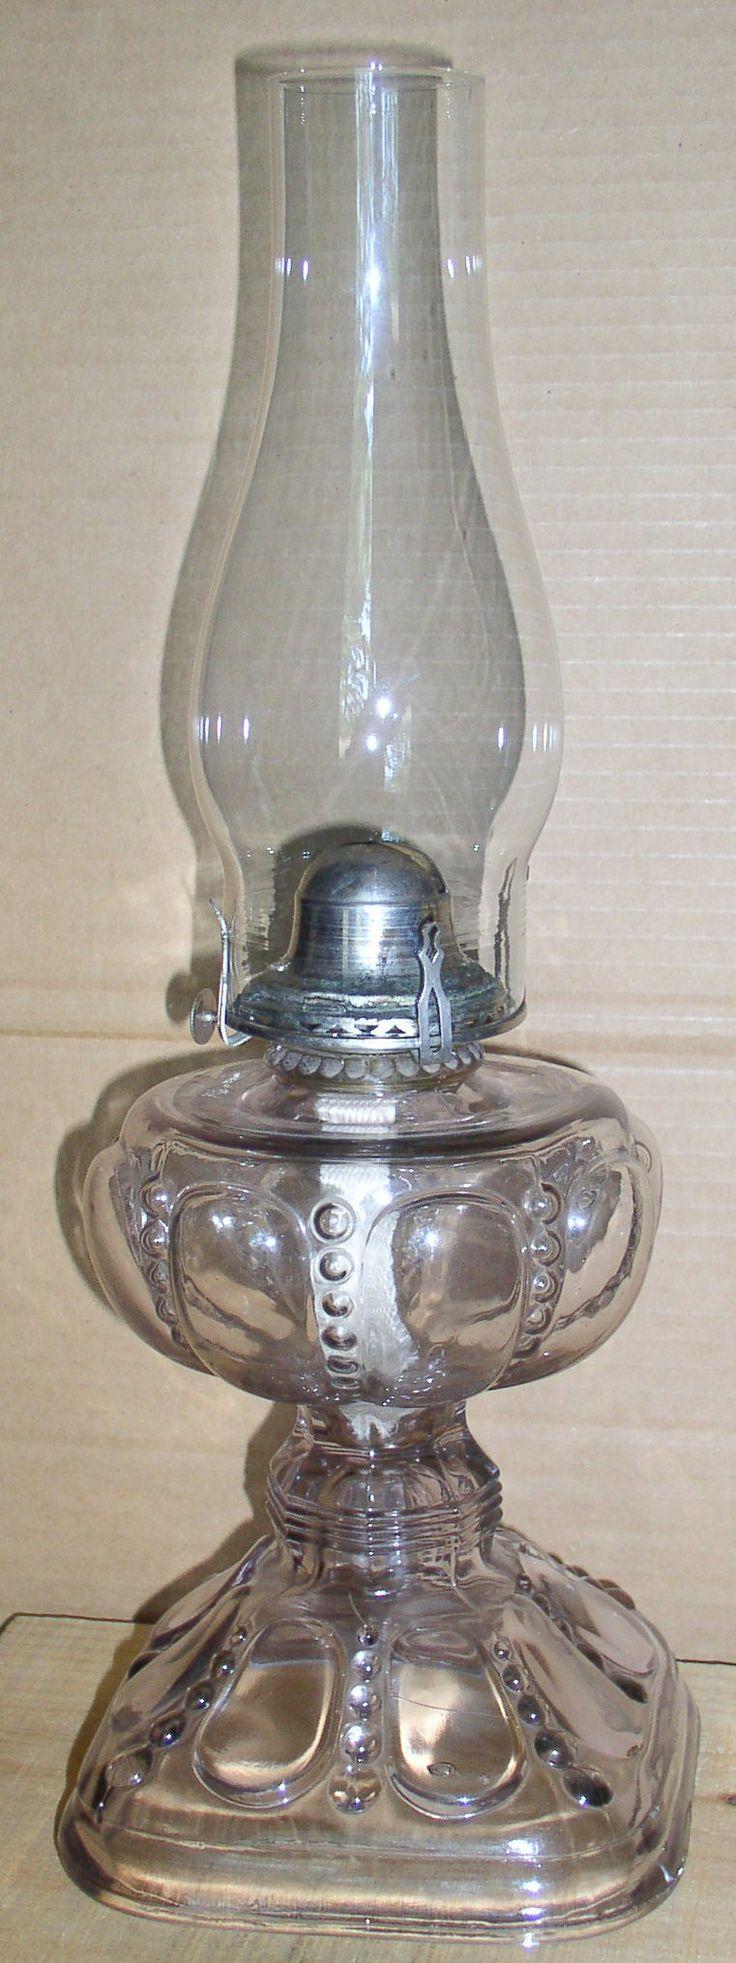 Regent antiques lights antique victorian oil lamp c 1860 - Kerosene Lamps Vintage Dewdrop And Petal Oil Lamp Sun Purple Tag Archive